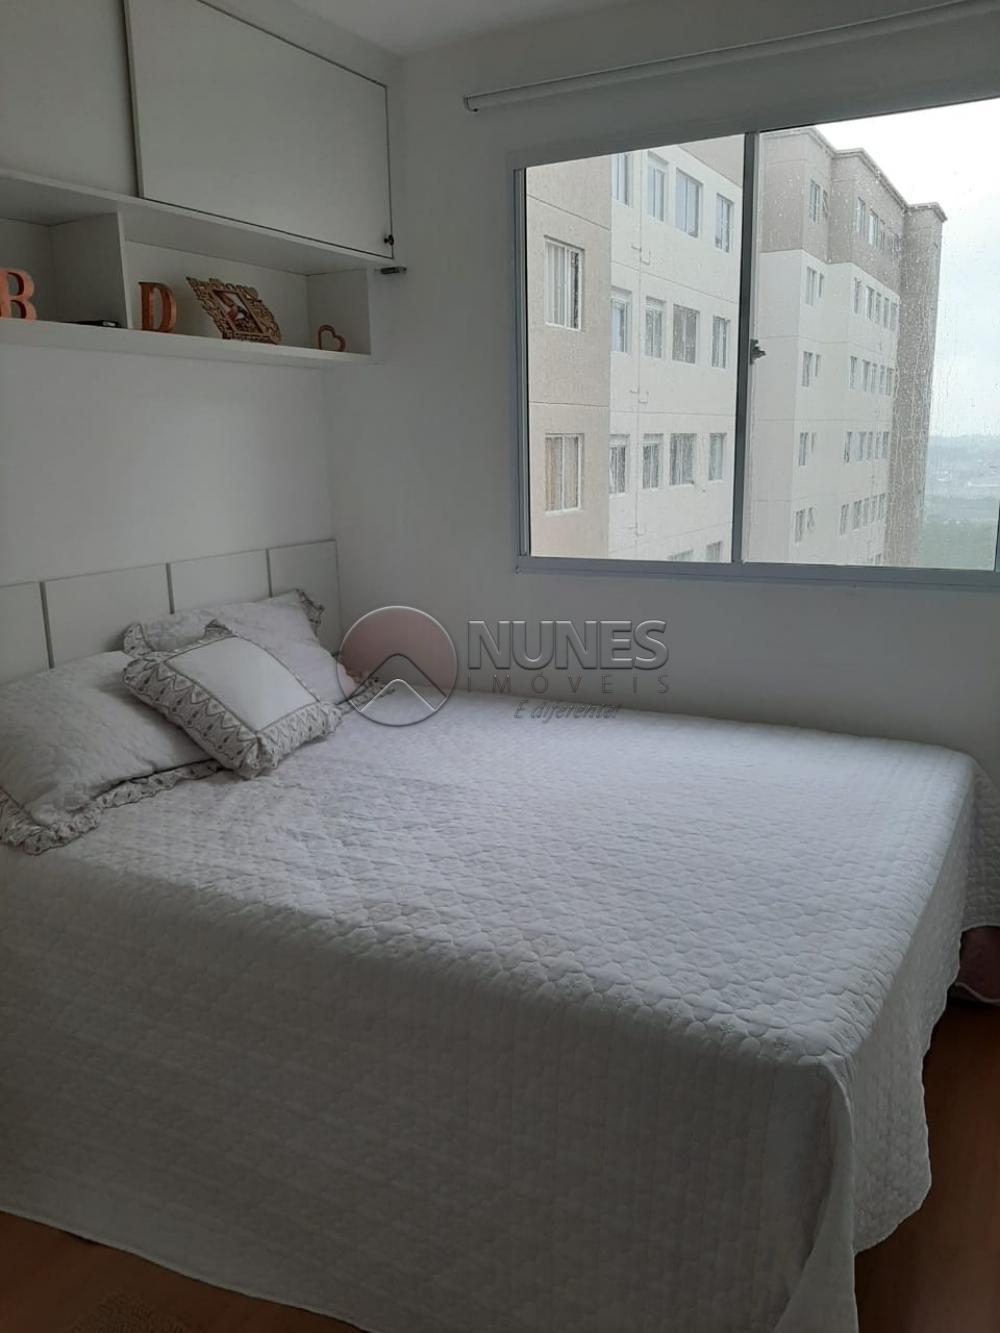 Comprar Apartamento / Padrão em São Paulo apenas R$ 225.000,00 - Foto 6